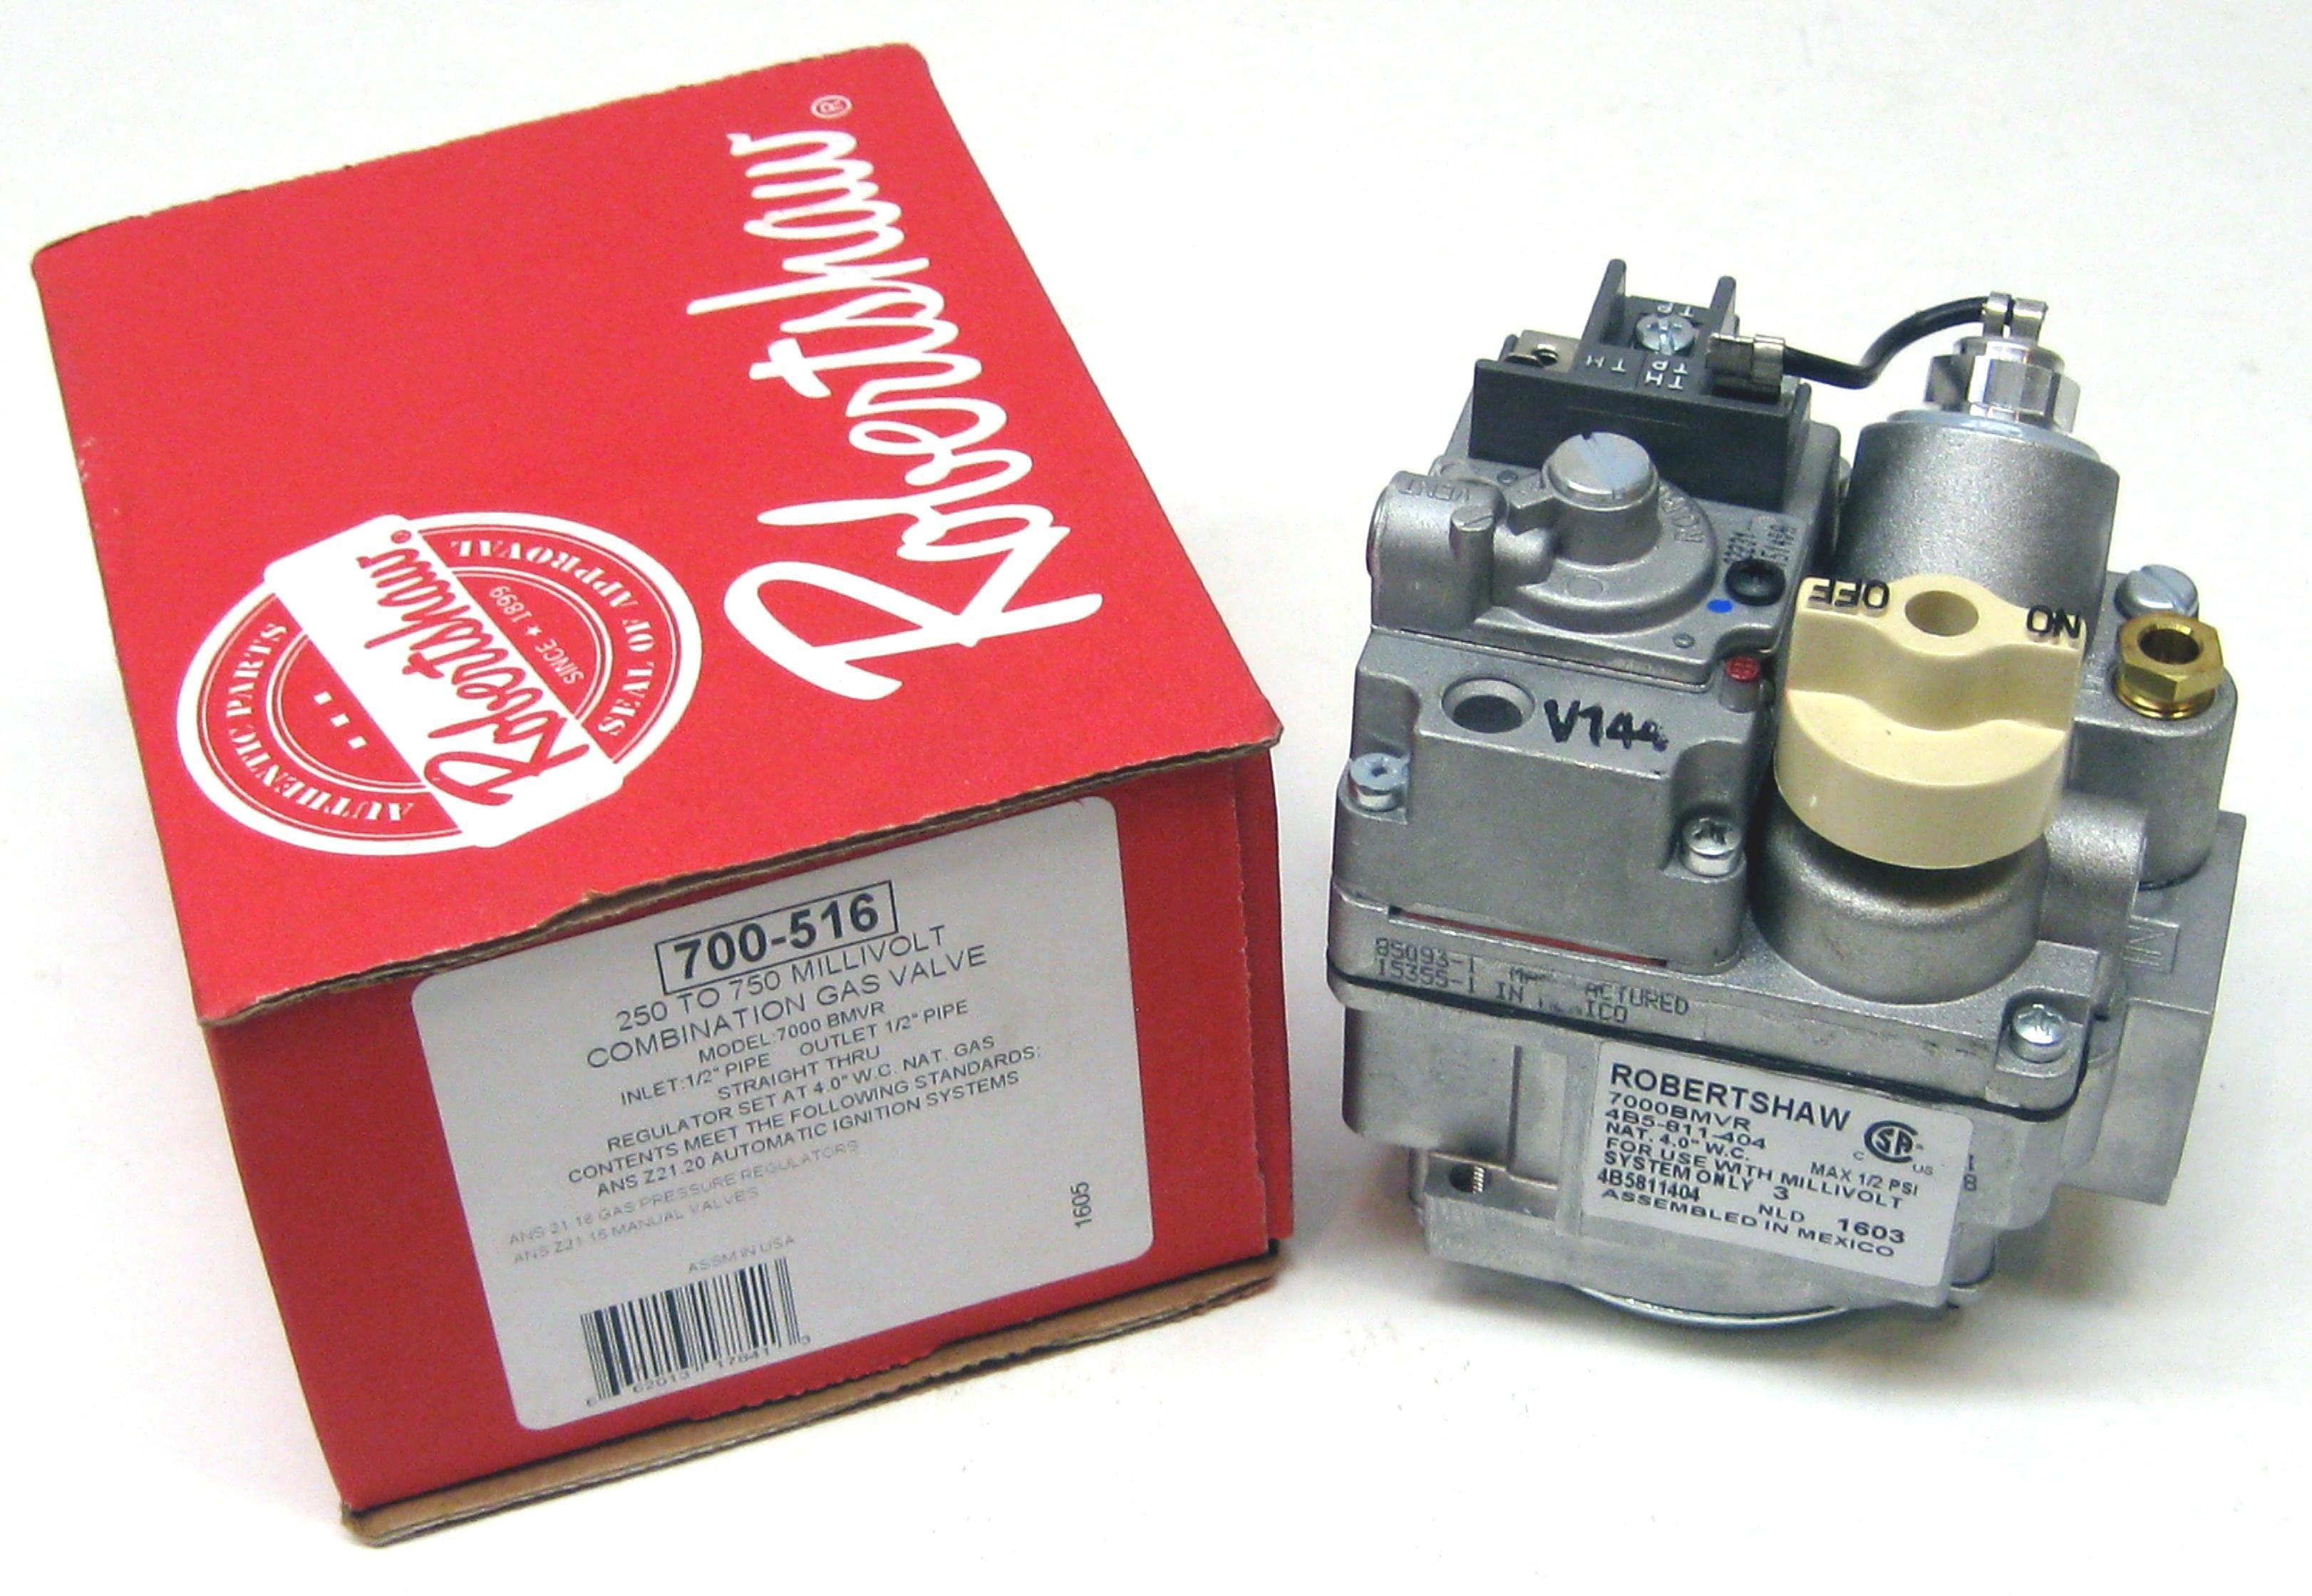 robertshaw millivolt mv gas valve 700 516 7000bmvr for keating rh walmart com robertshaw 7000 series gas valve manual robertshaw 7000 series gas valve manual